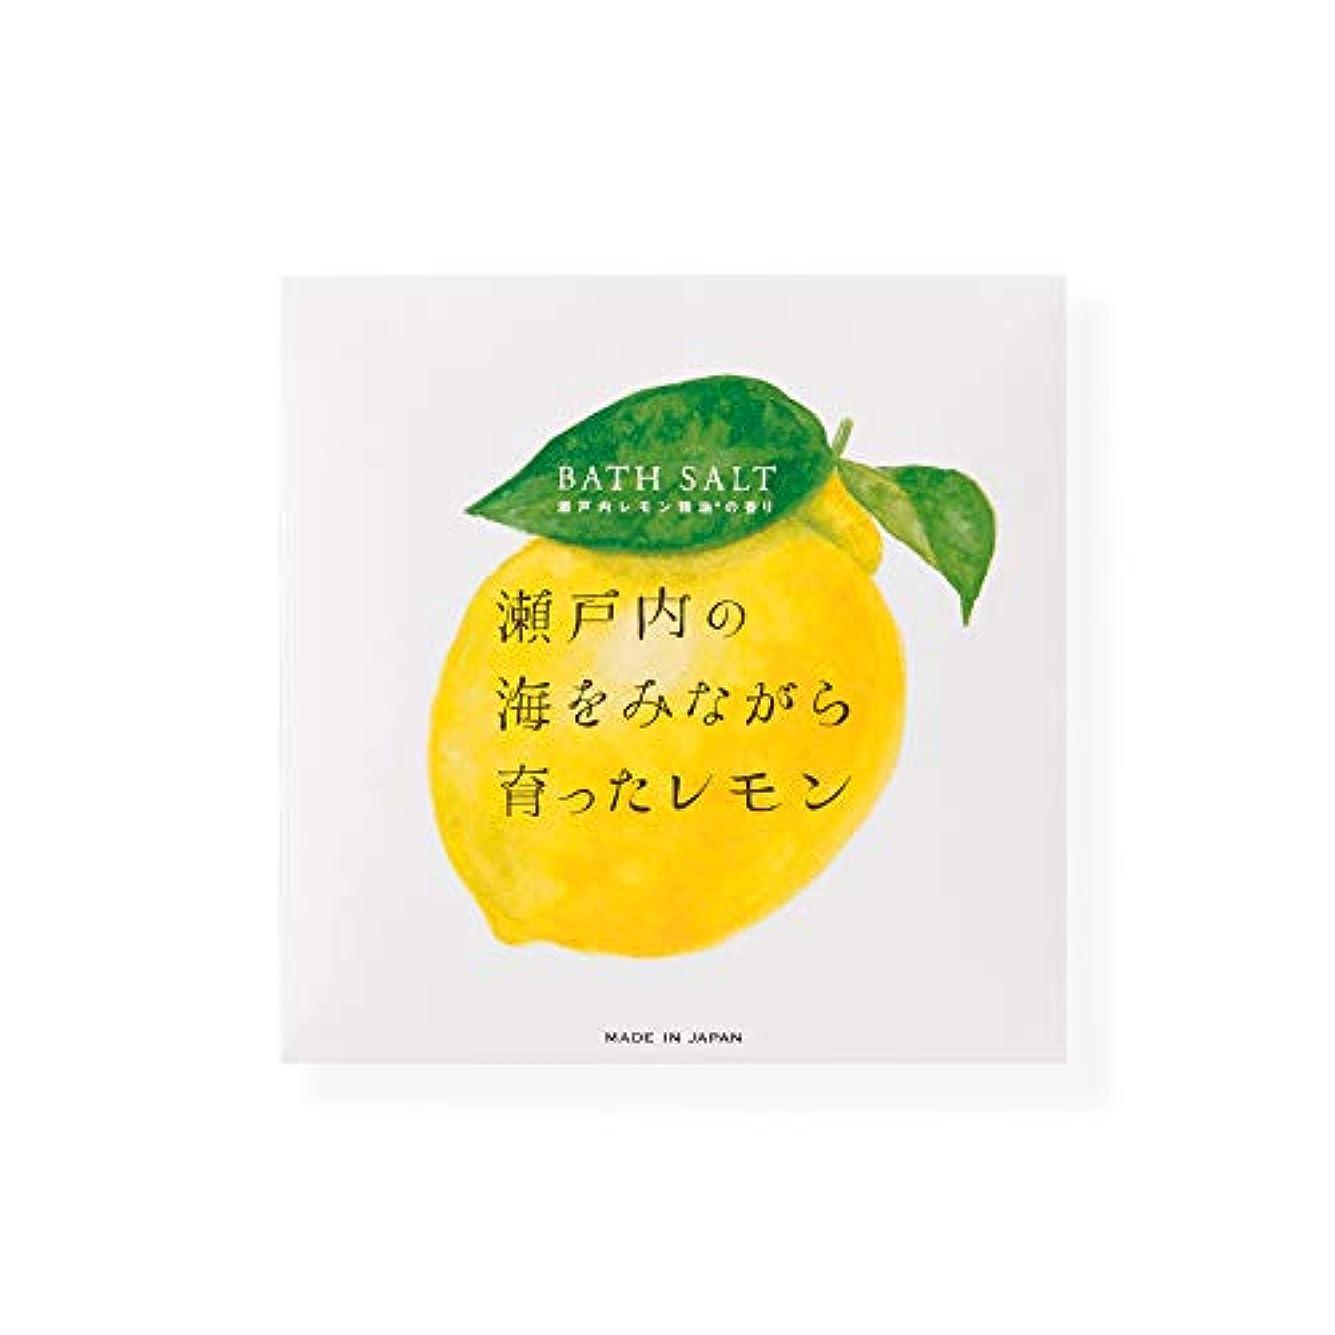 クレア舗装するトーン瀬戸内レモン アロマバスソルト